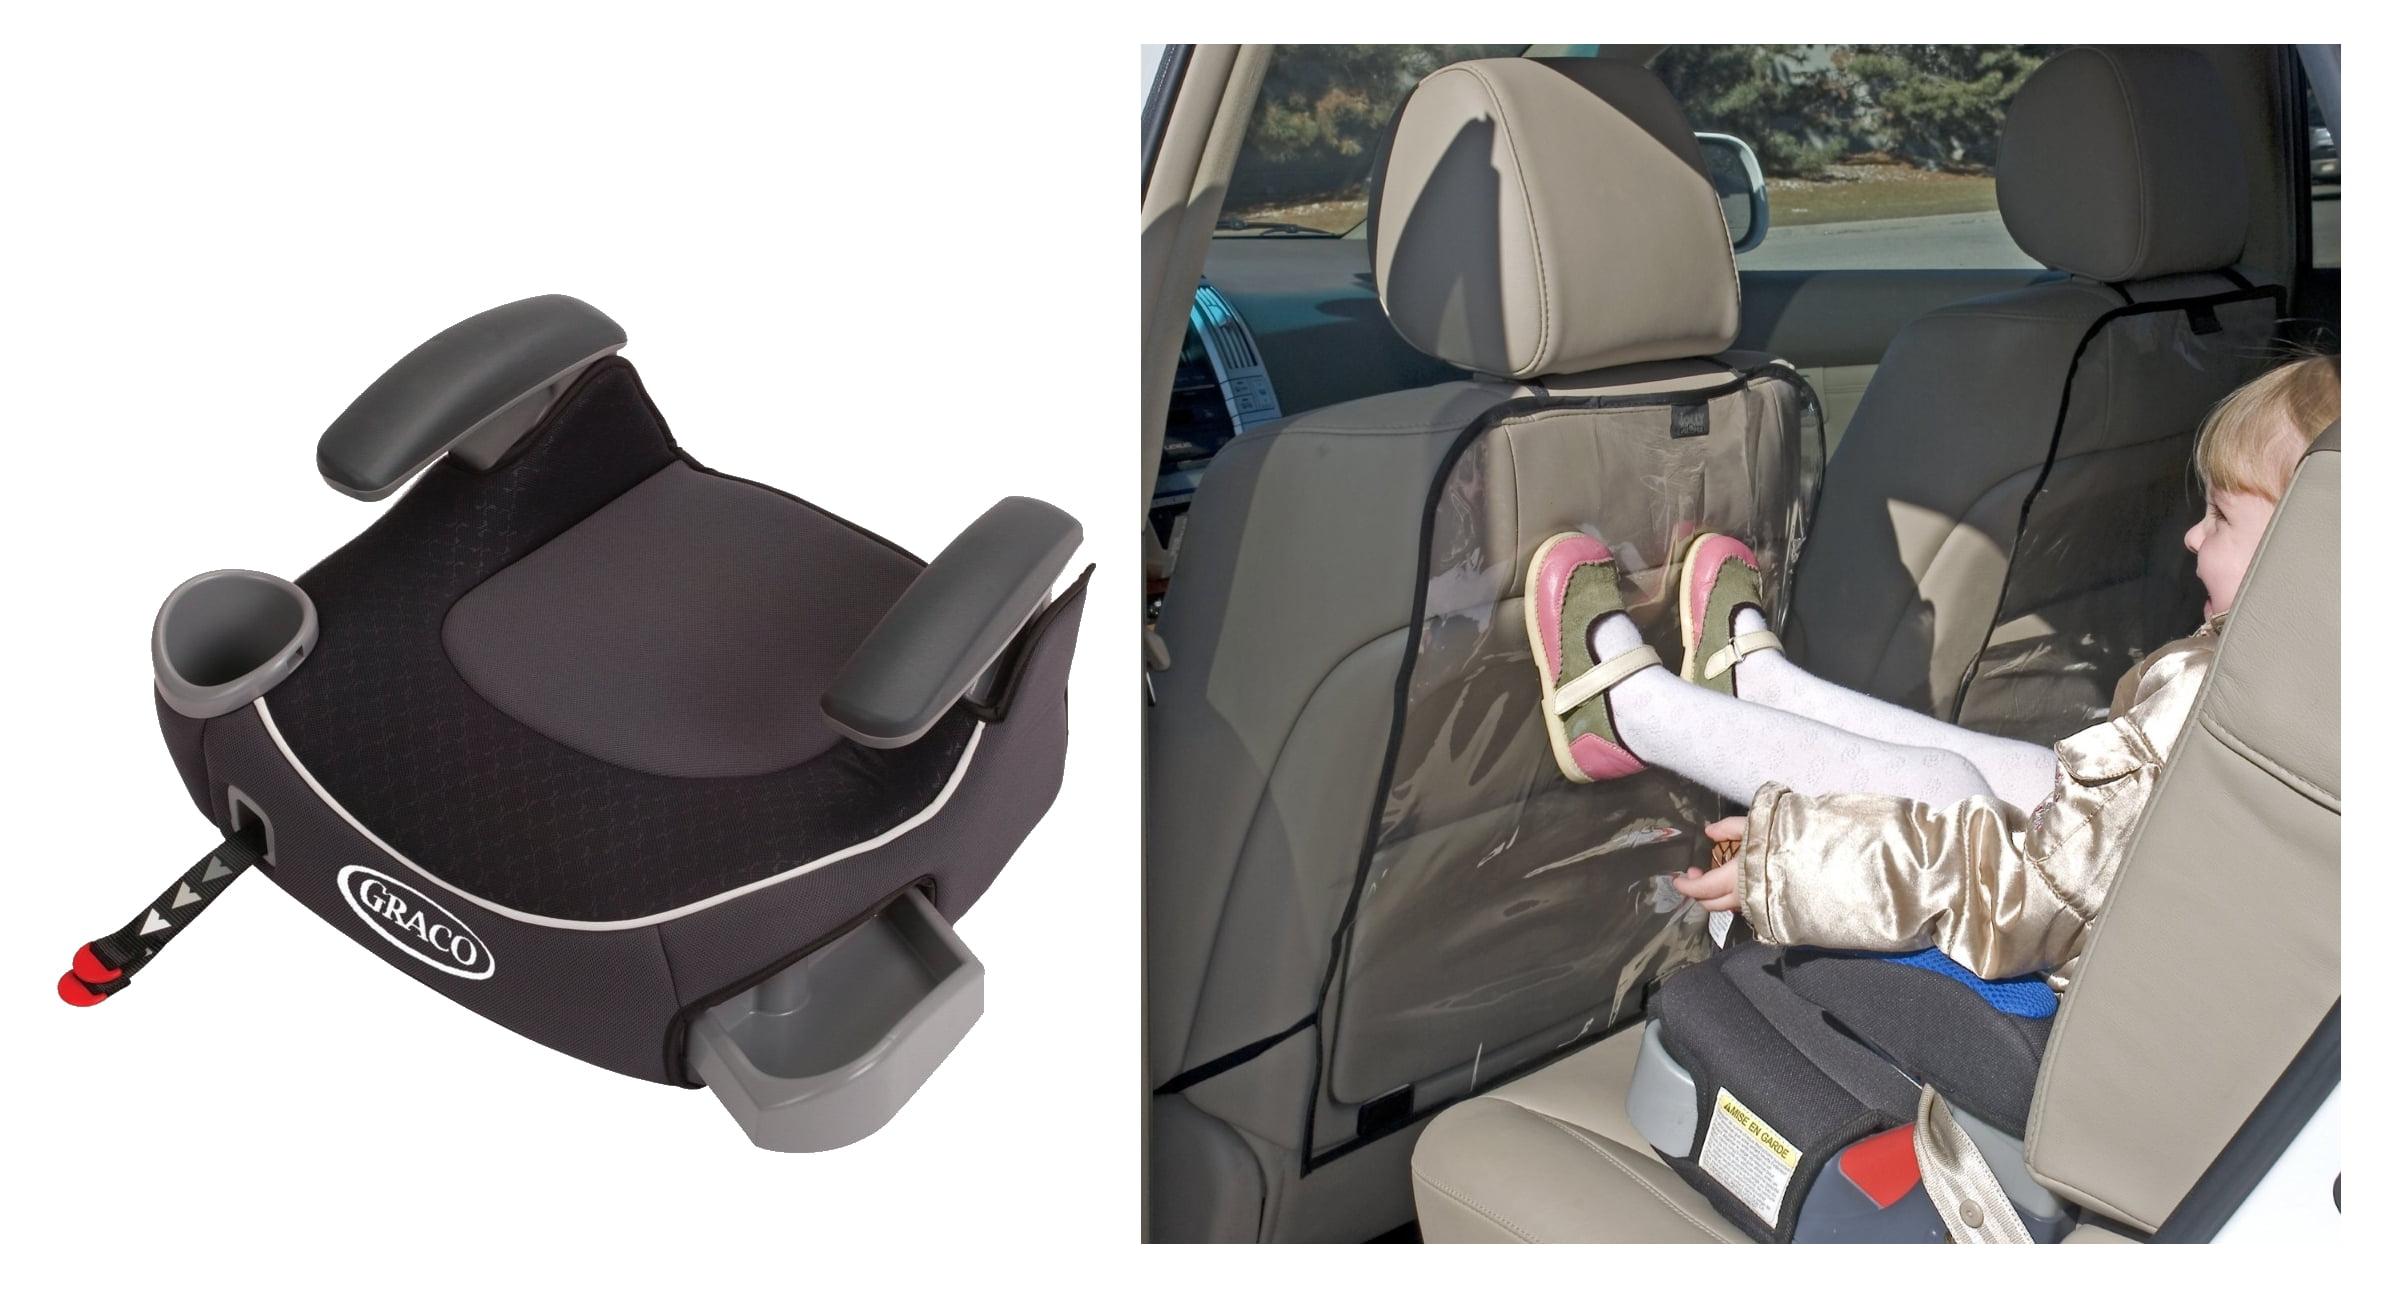 Silla De Carro Para Bebe Afijo de Graco Booster sin respaldo asiento con asiento trasero retroceso protectores, Davenport + Graco en Veo y Compro